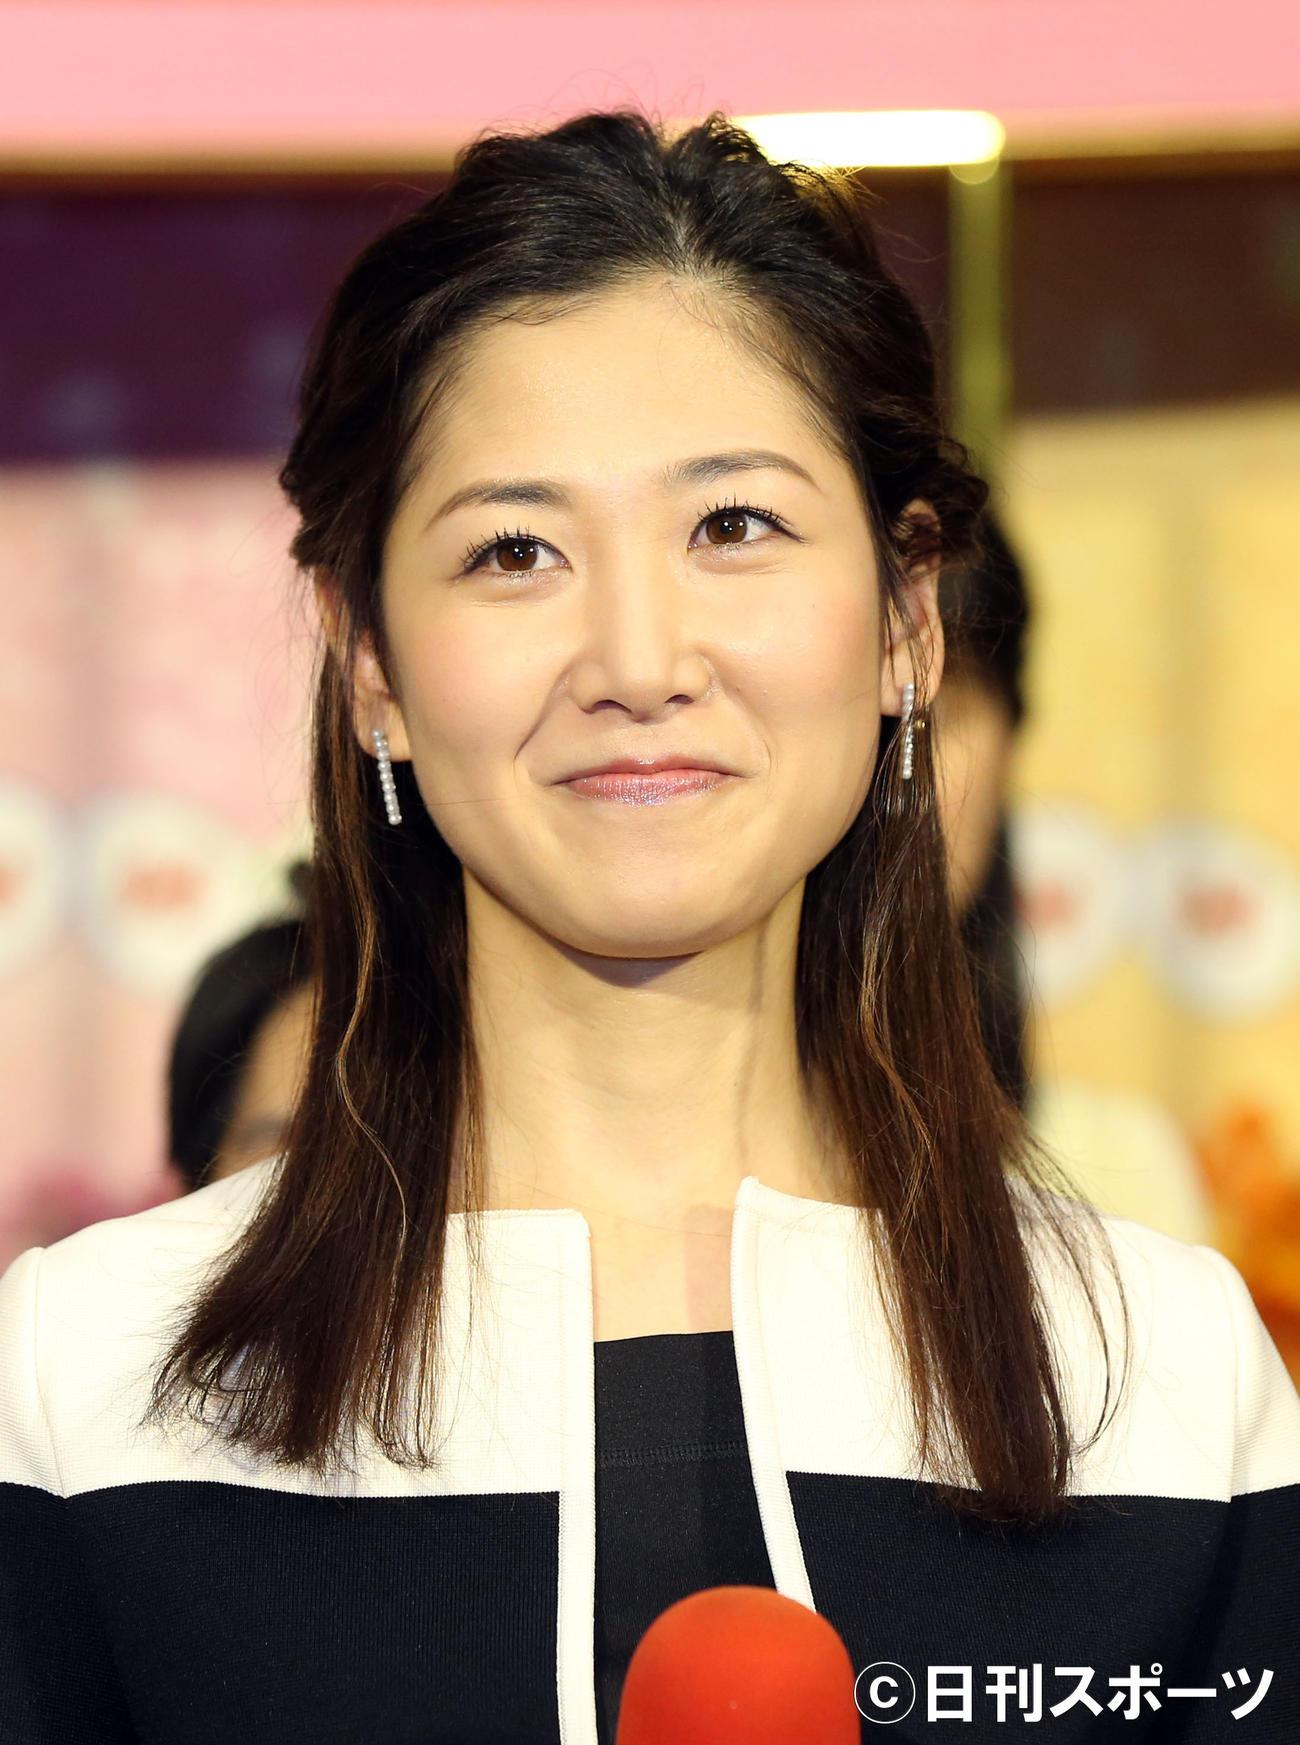 桑子真帆アナ(2017年2月16日撮影)